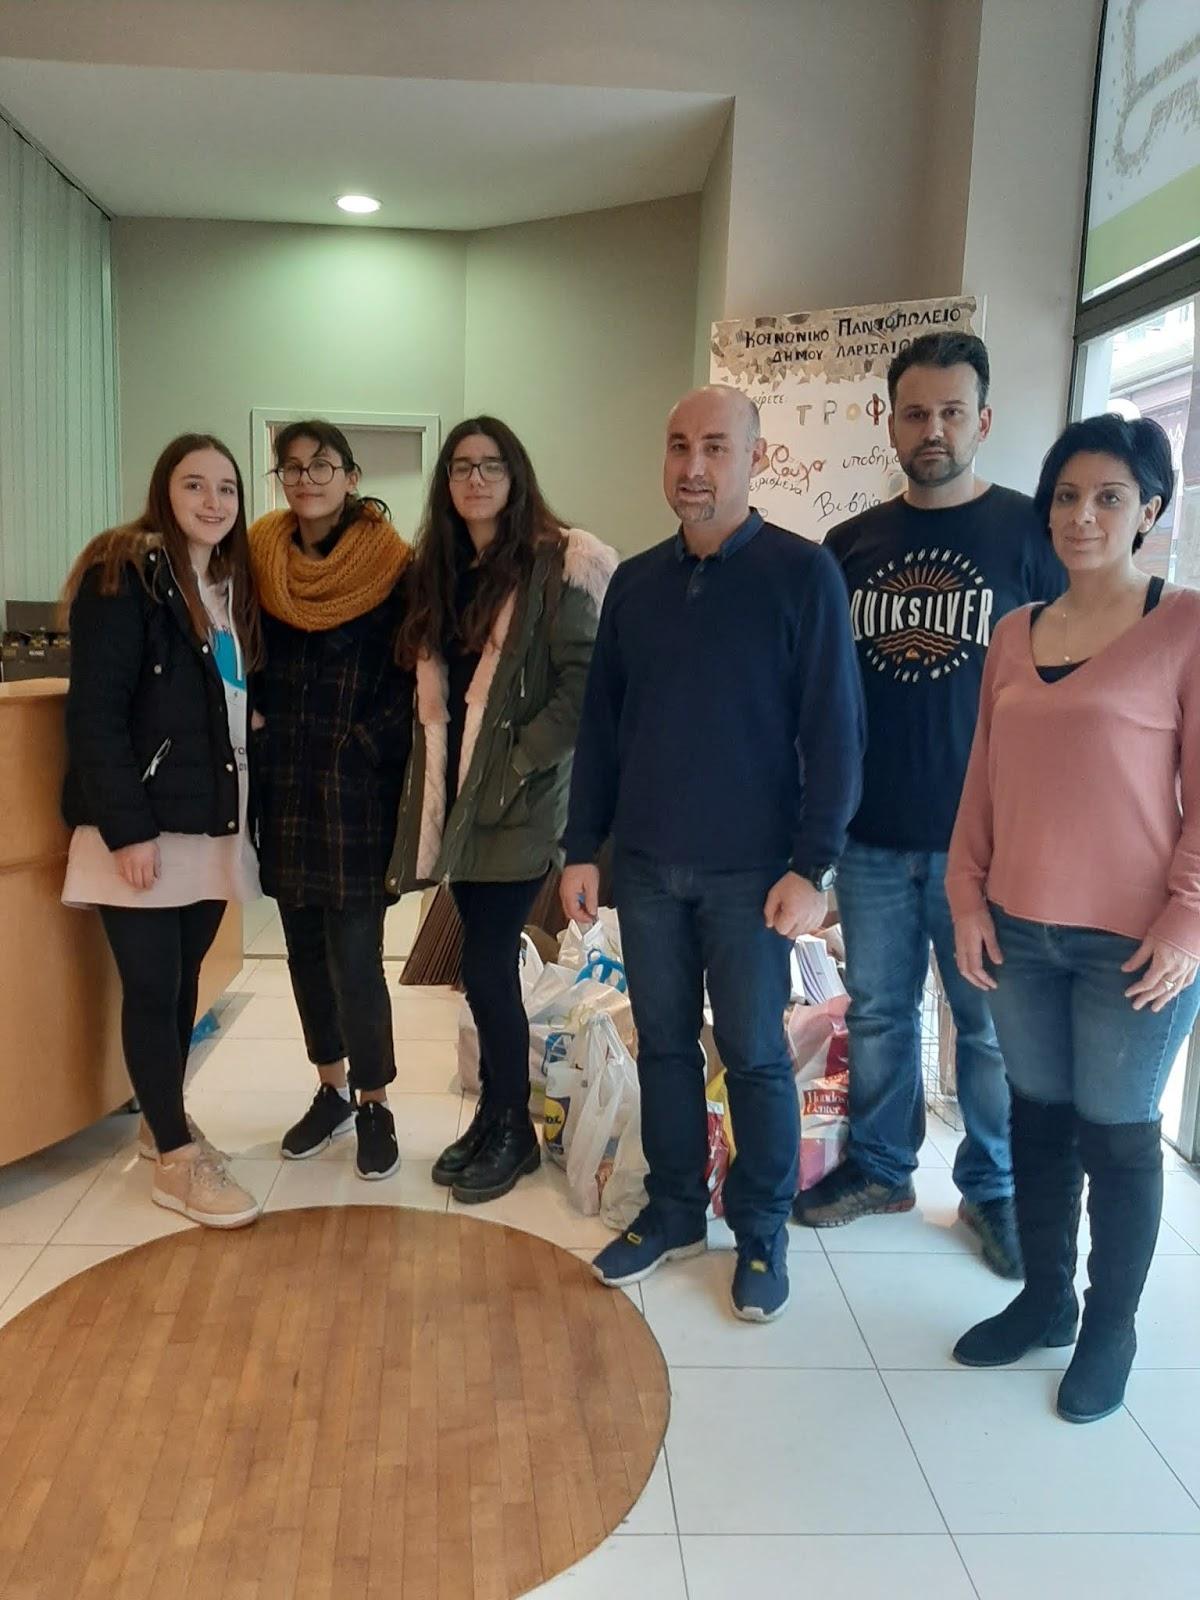 Τρόφιμα προσέφεραν οι μαθητές του 12ου Λυκείου Λάρισας